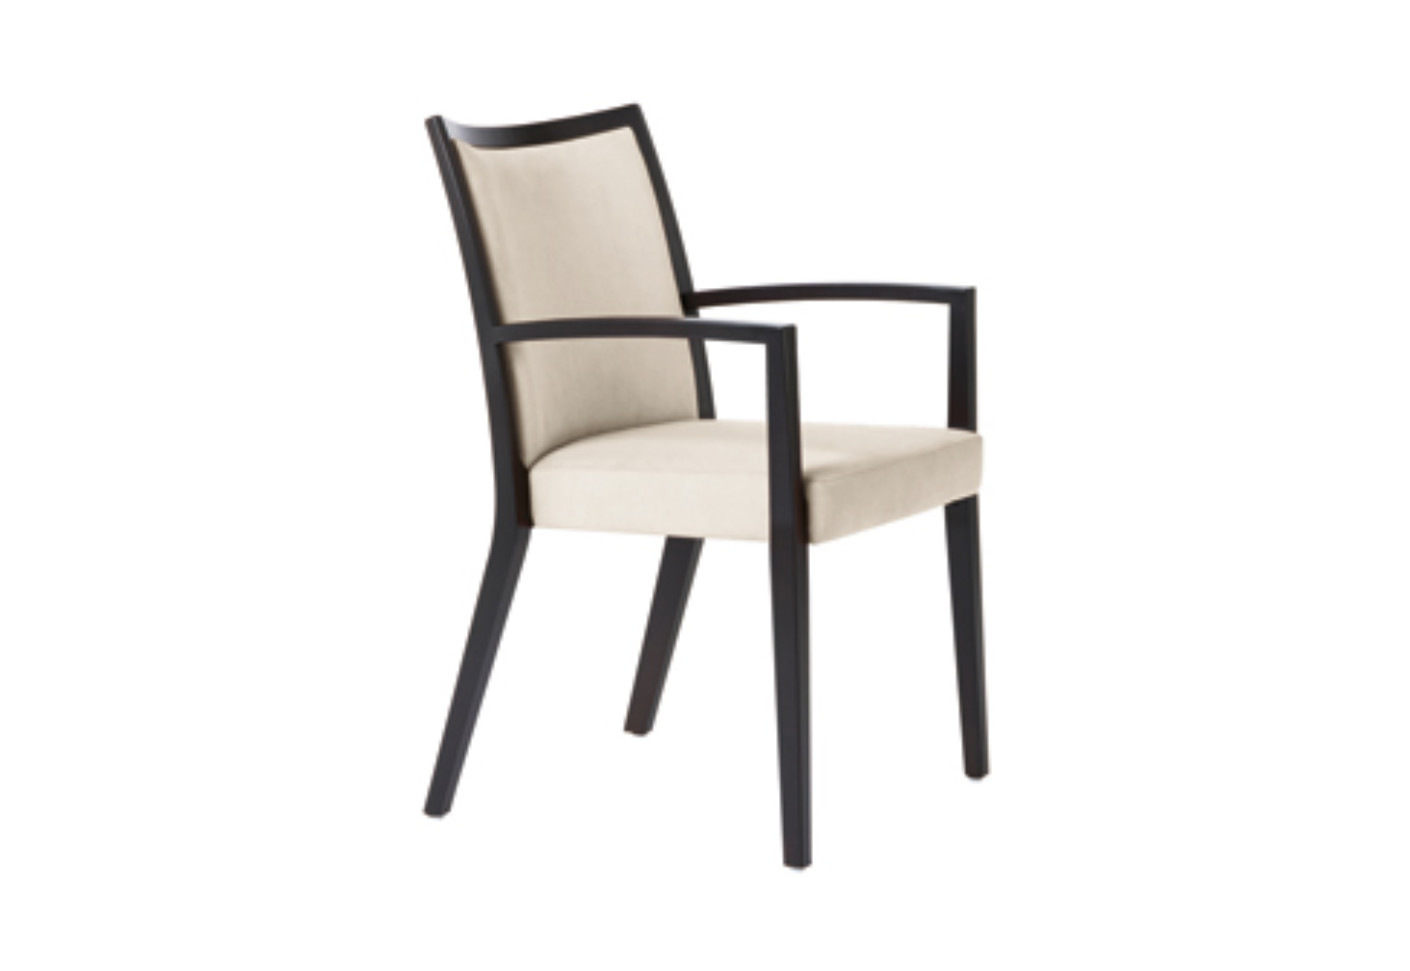 arvo stuhl mit armlehnen von dietiker stylepark. Black Bedroom Furniture Sets. Home Design Ideas